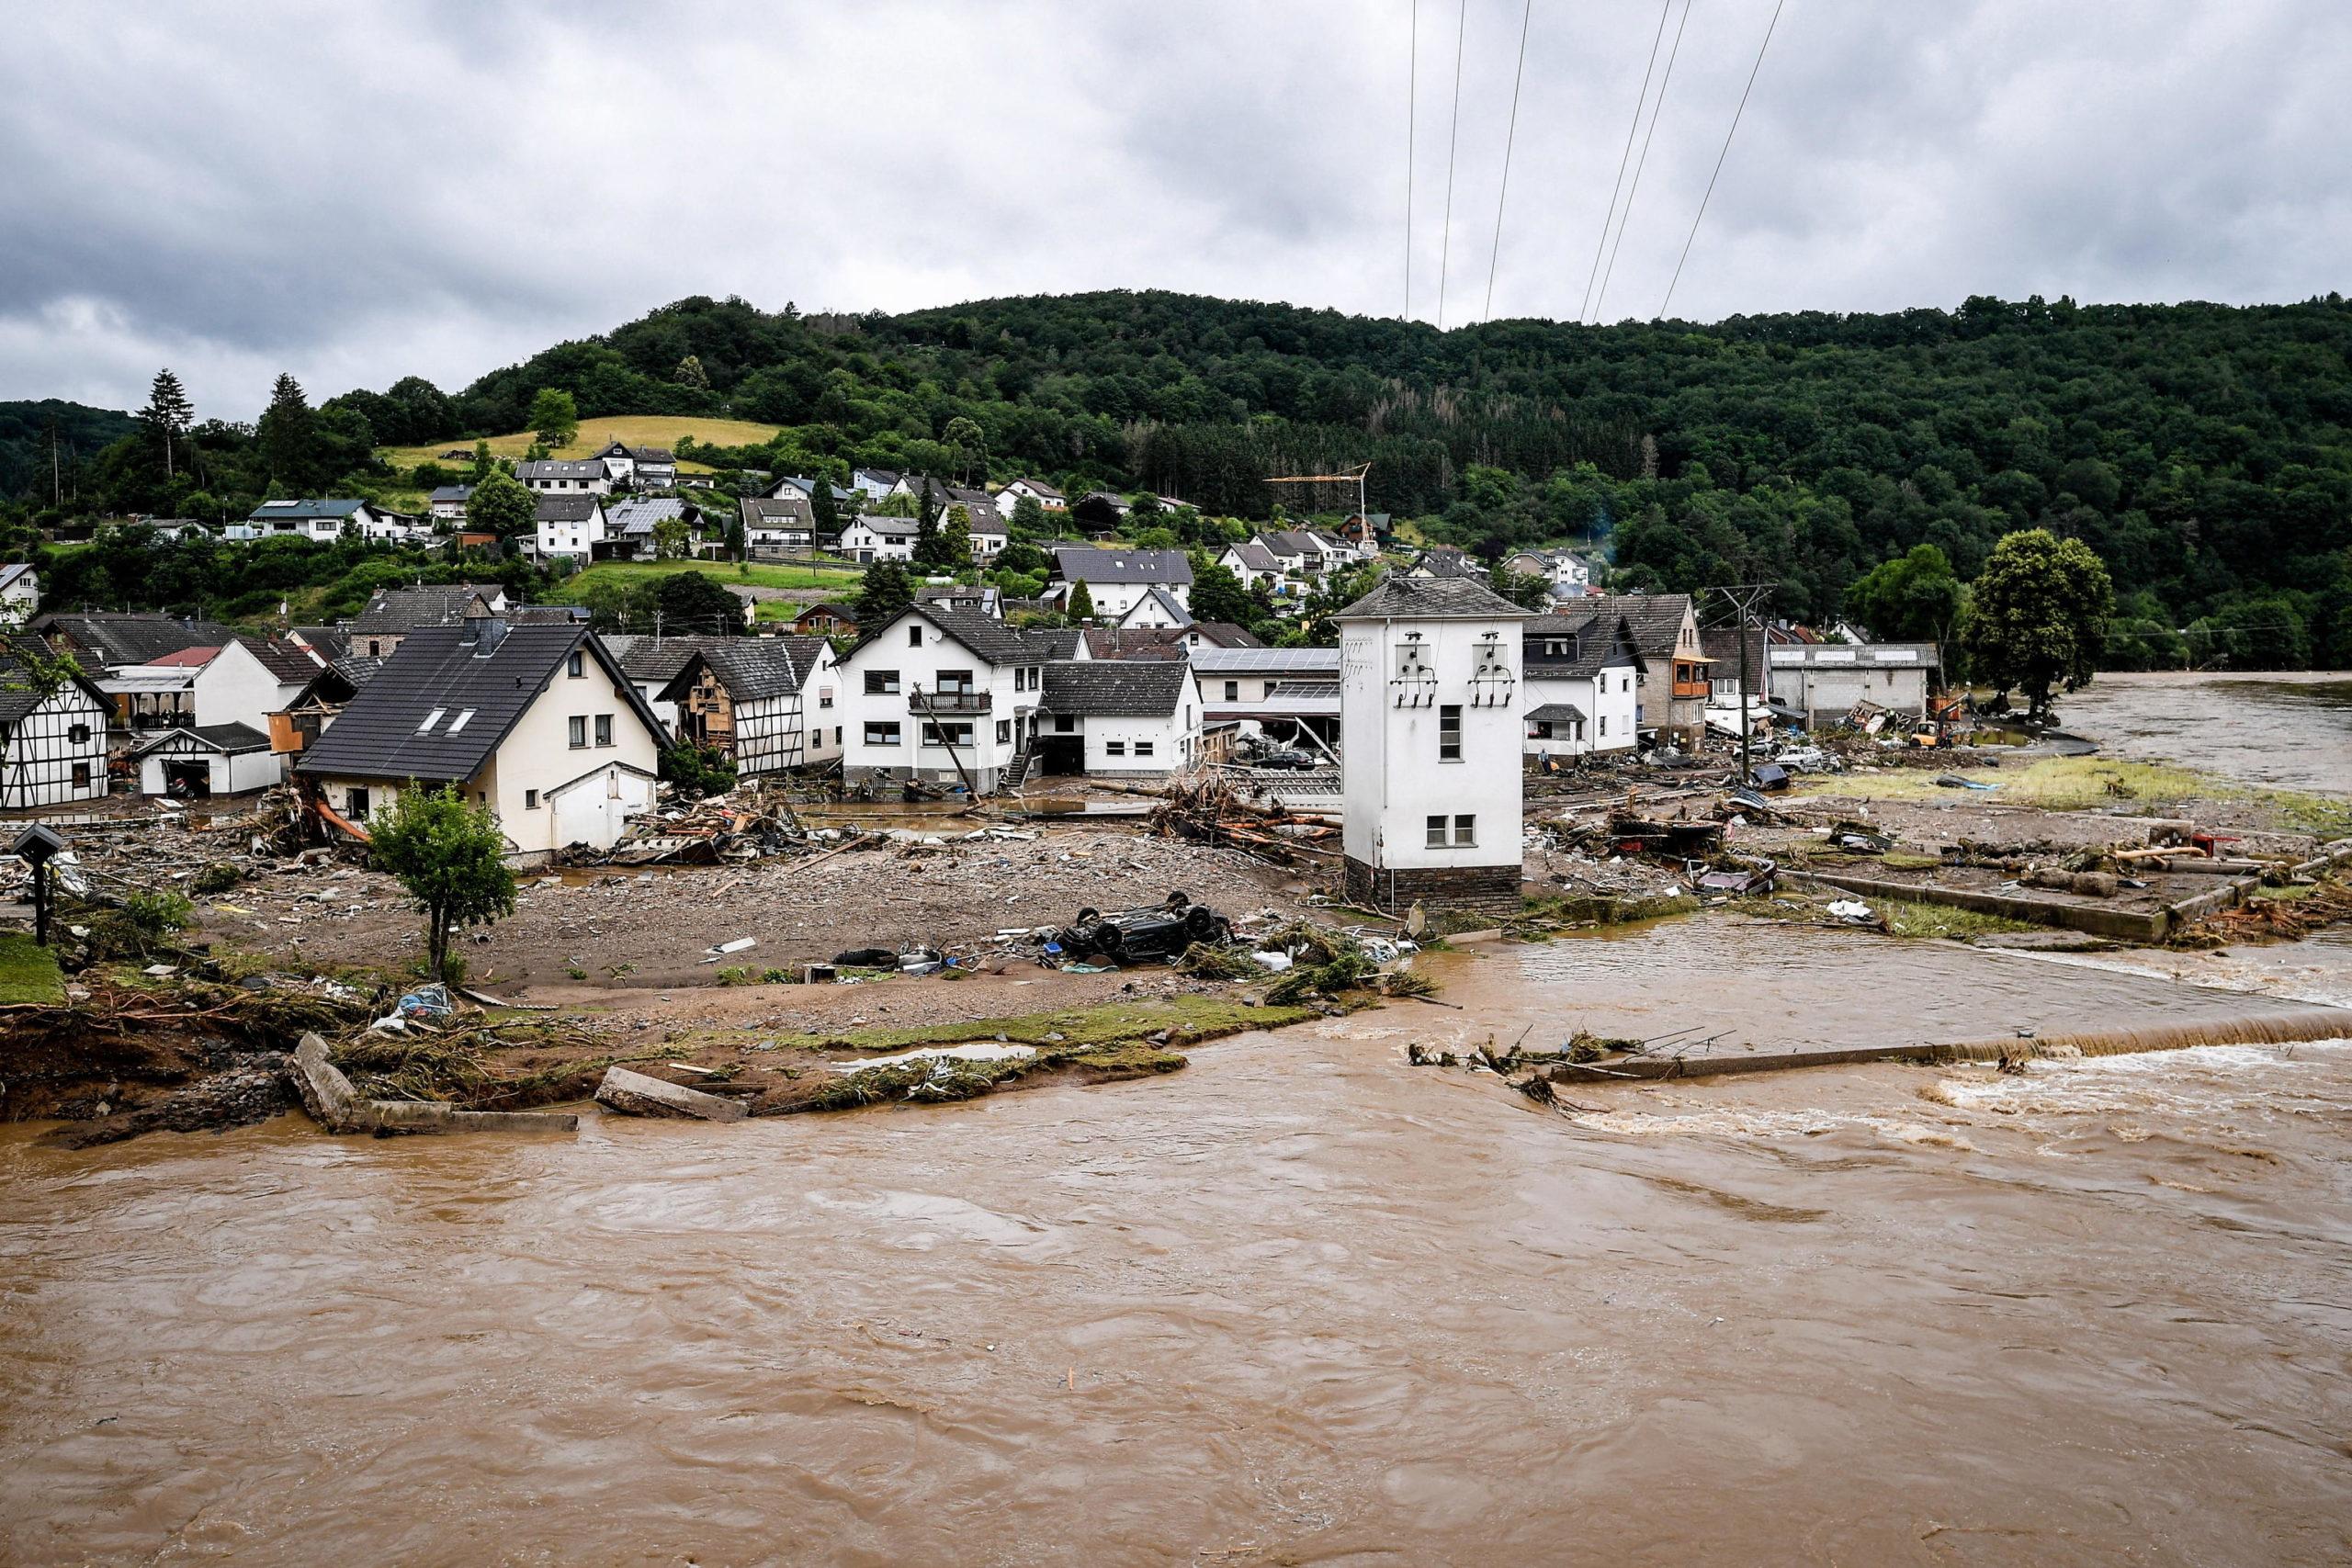 germania maltempo alluvione